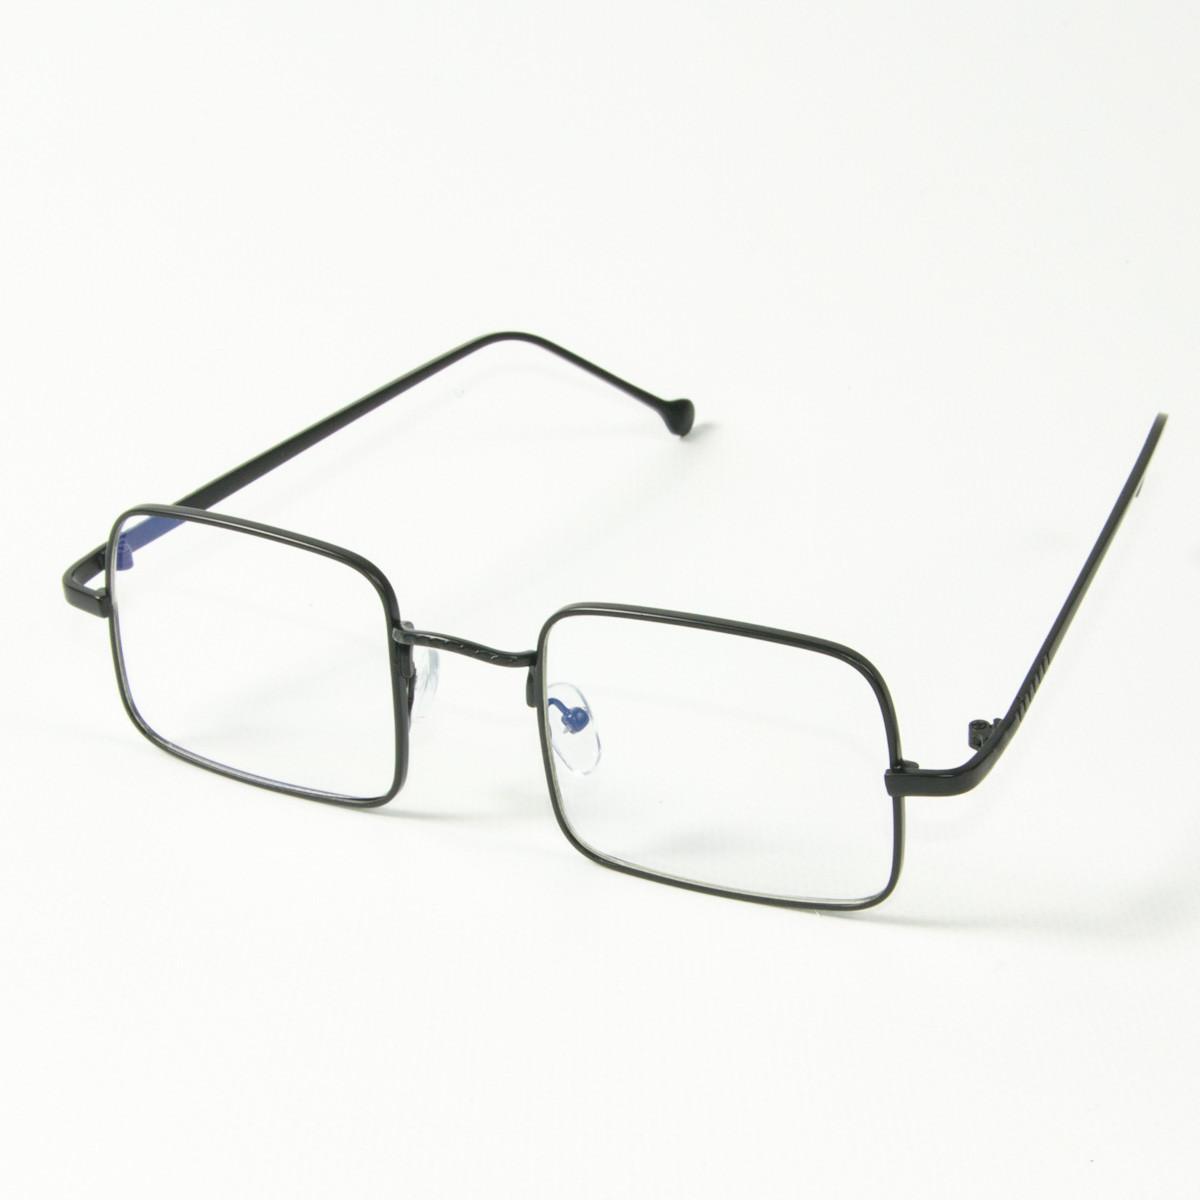 Оптом квадратные имиджевые очки ретро-модель (арт. 10-6297/5)